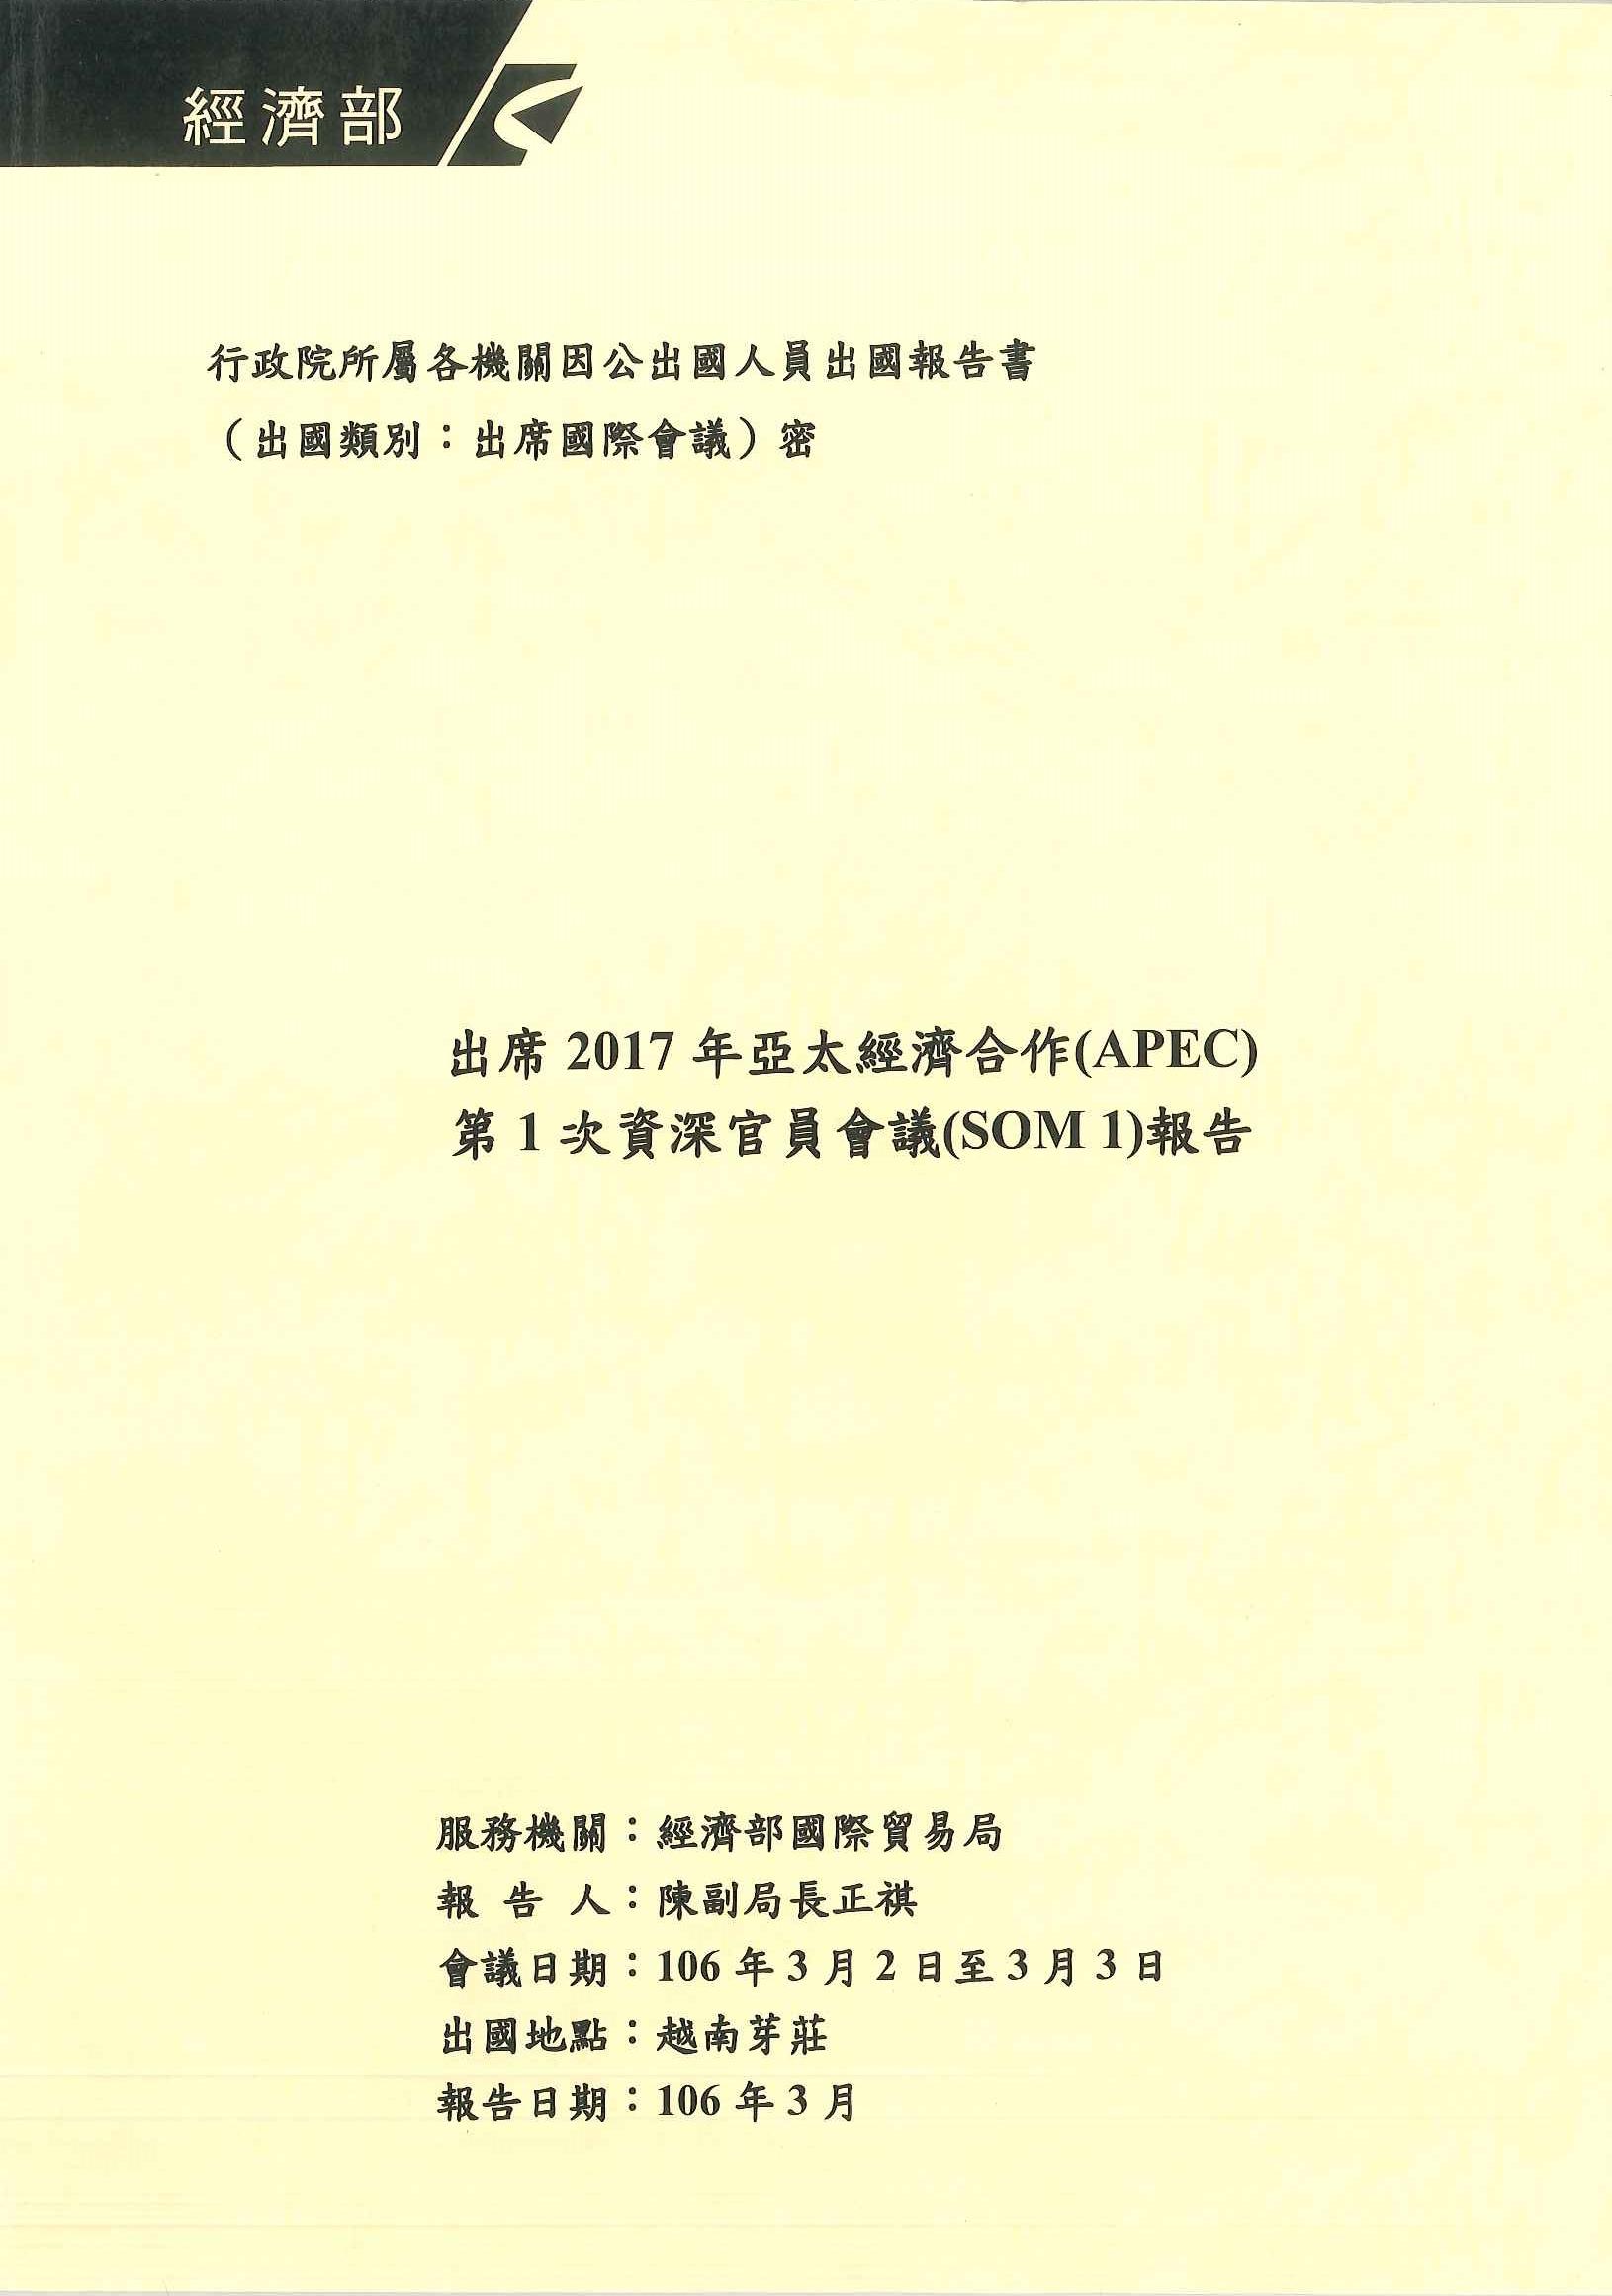 出席2017年亞太經濟合作(APEC)第1次資深官員(SOM1)報告